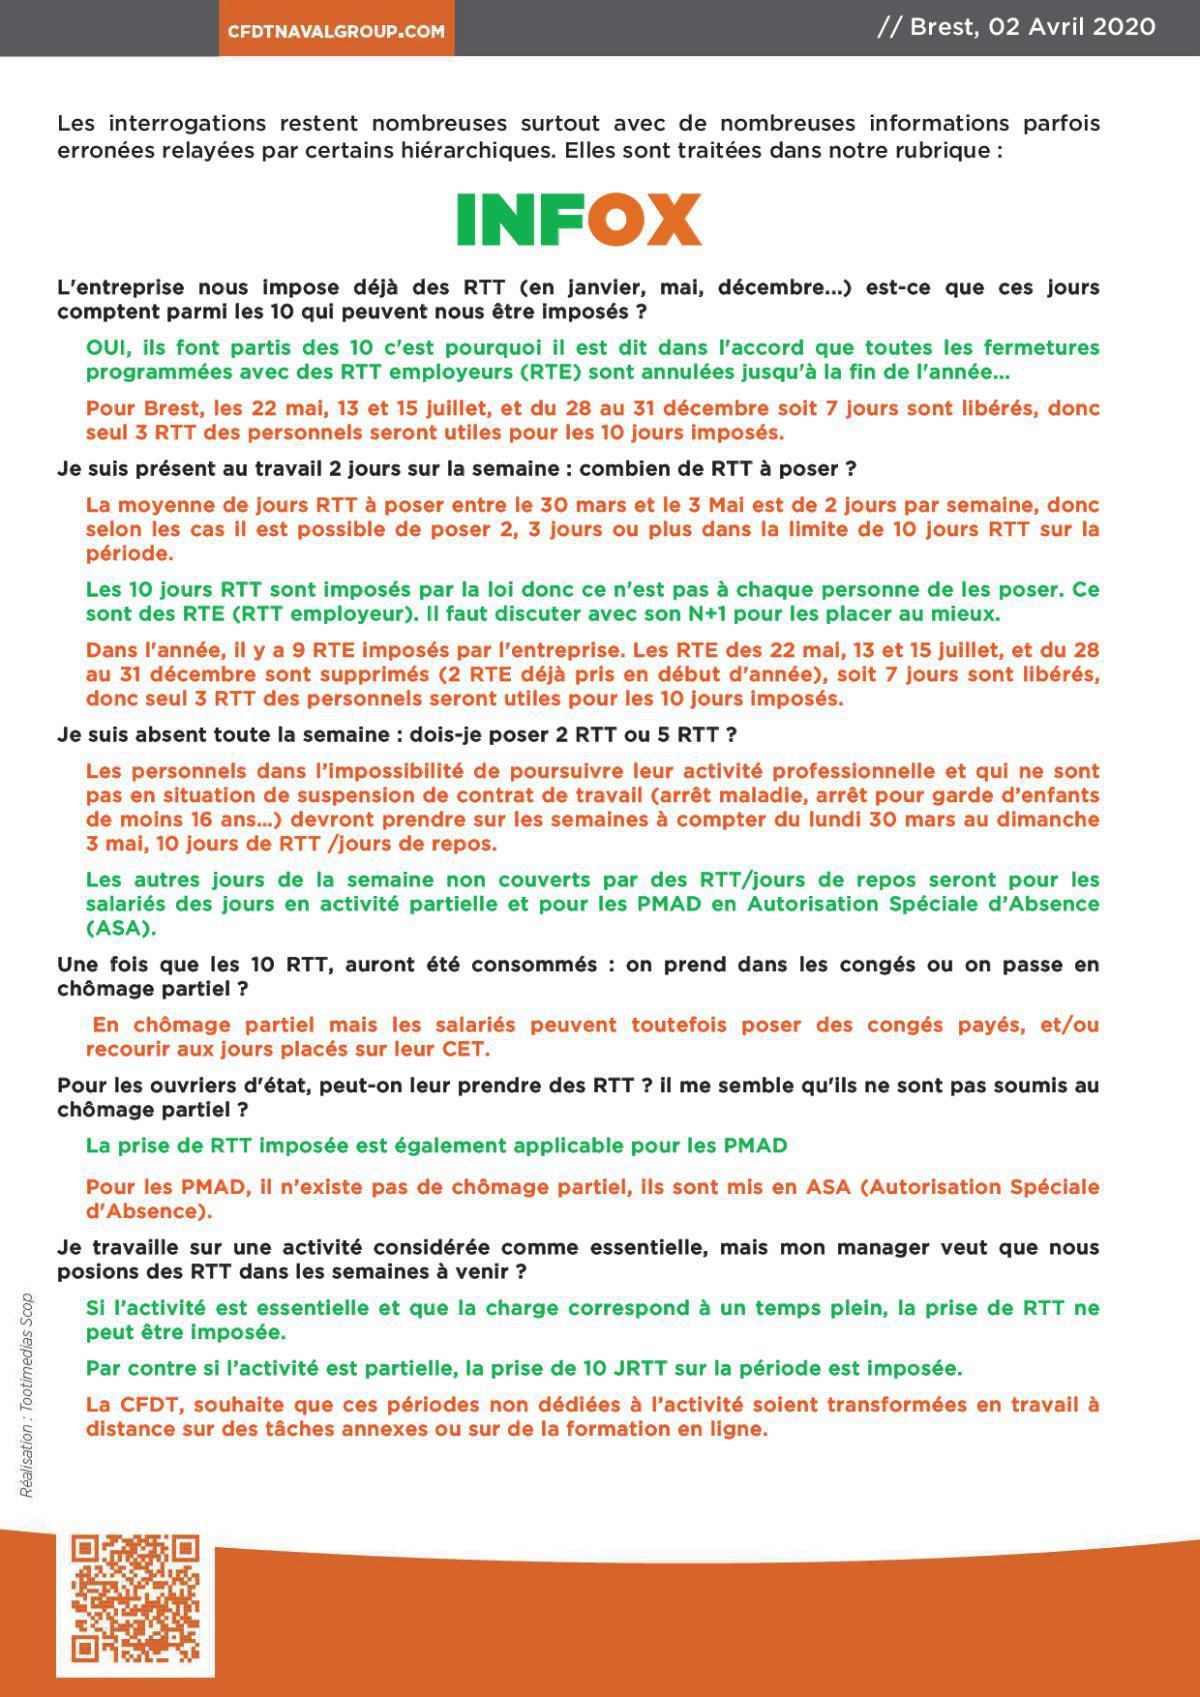 INFOS BREST DU 2 AVRIL 2020